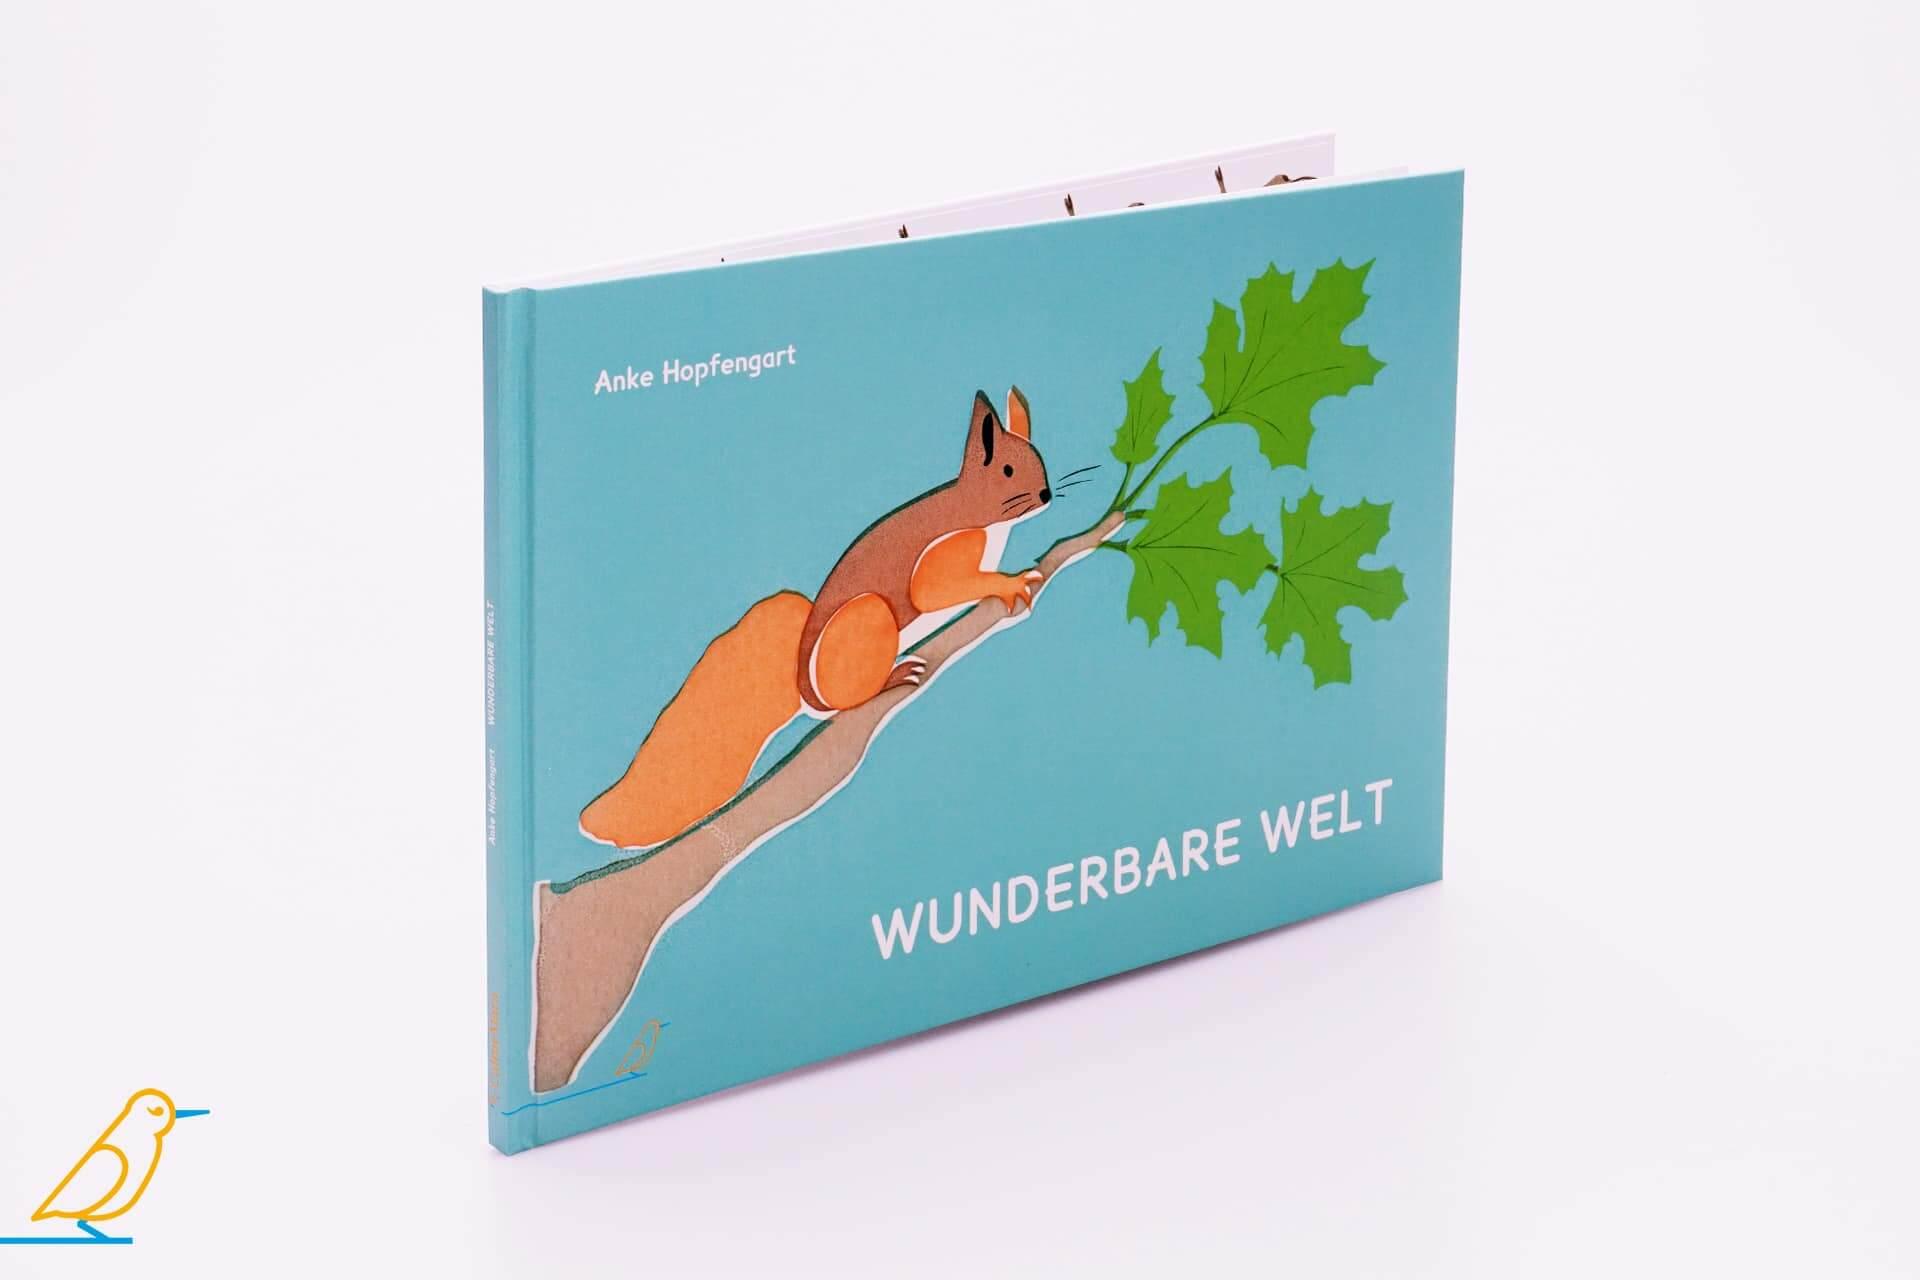 """Produktansicht Bilderbuch """"Wunderbare Welt"""" von Anke Hopfengart"""